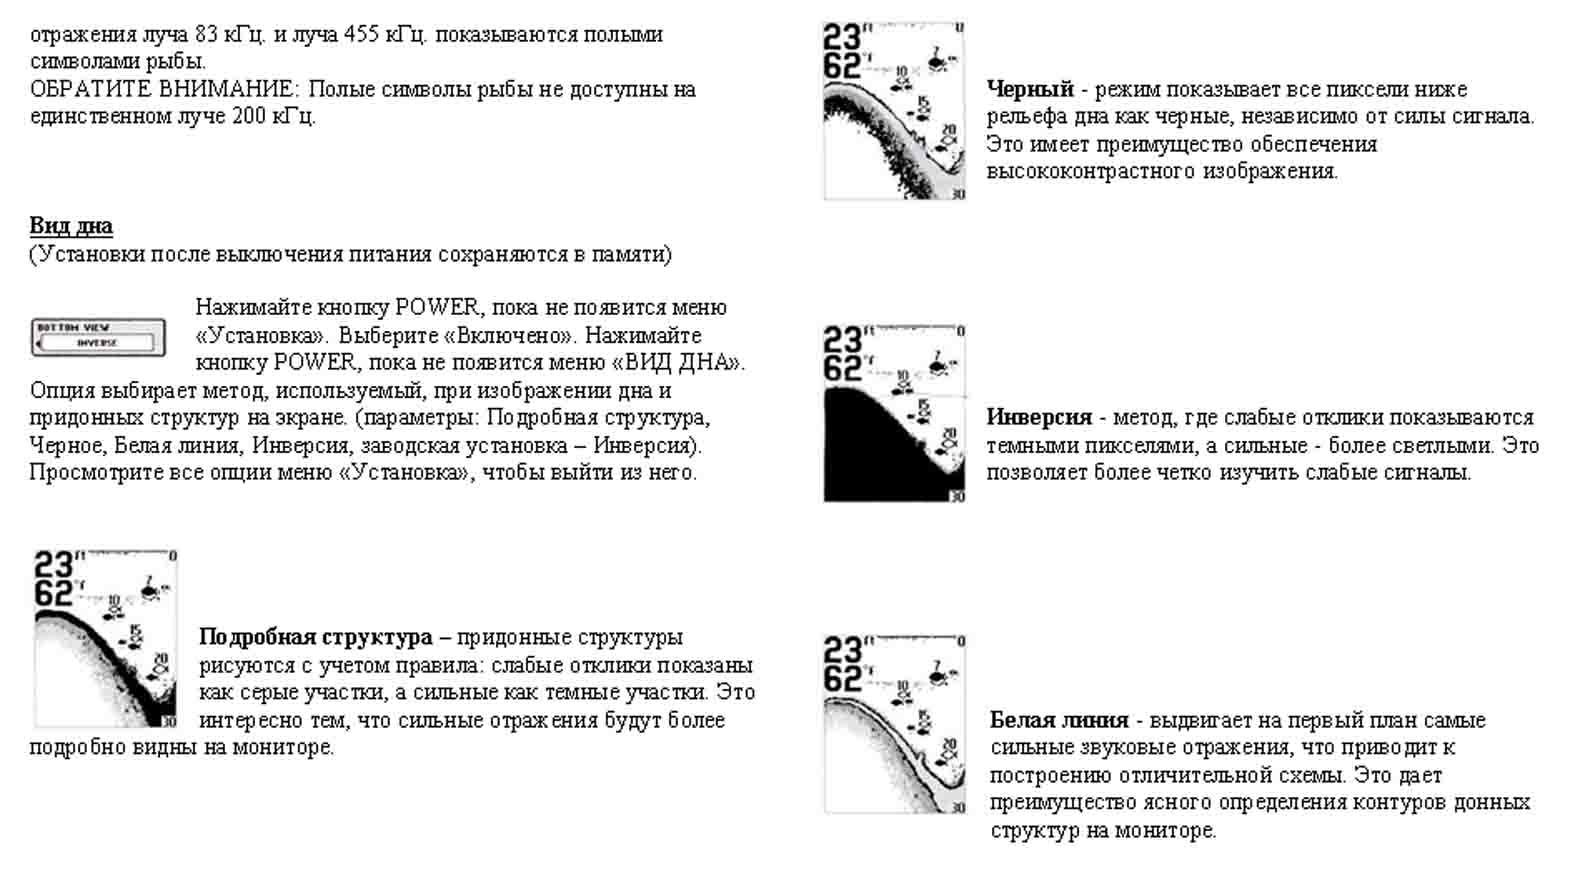 Беспроводный эхолот инструкция для применения